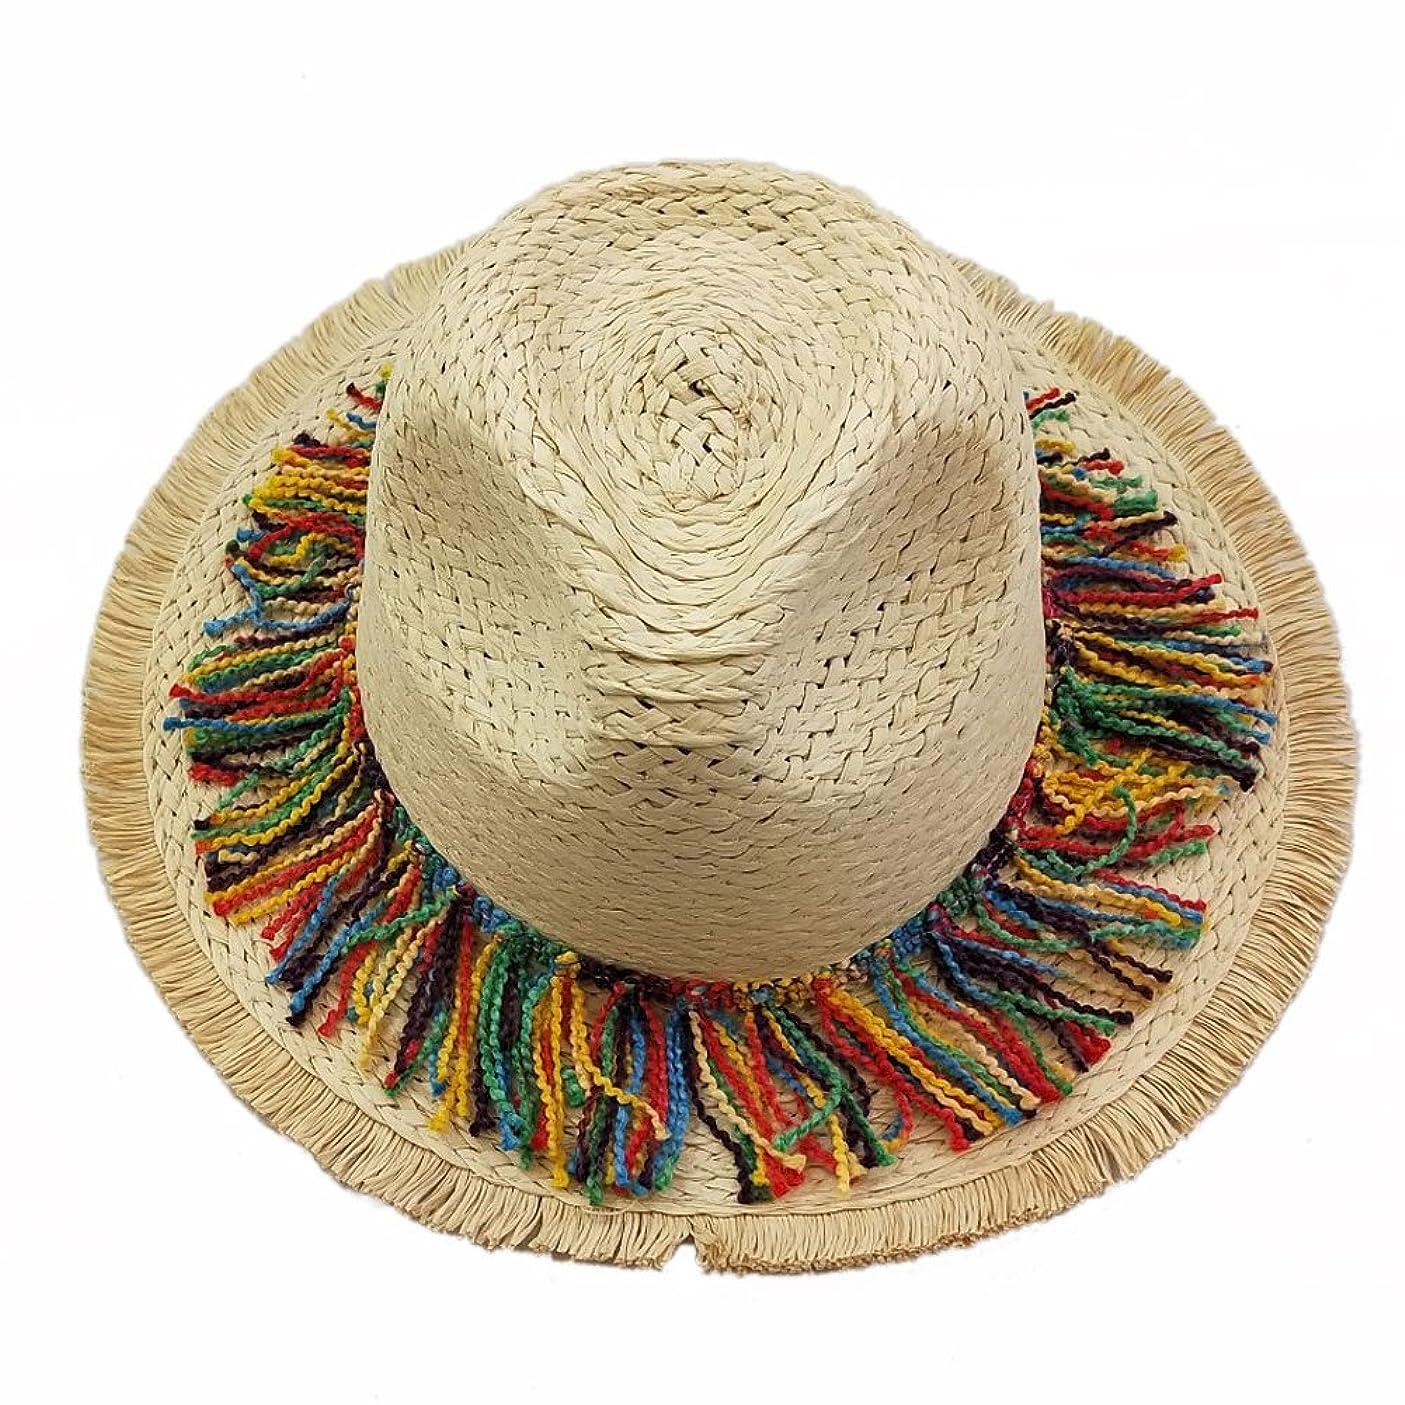 深遠お尻走るHTDZDX 麦わら帽子男性の釣り帽子、夏ワイド庇バイザーメンズと女性の屋外作業日帽子サンプロテクションUVプロテクションビーチキャップ